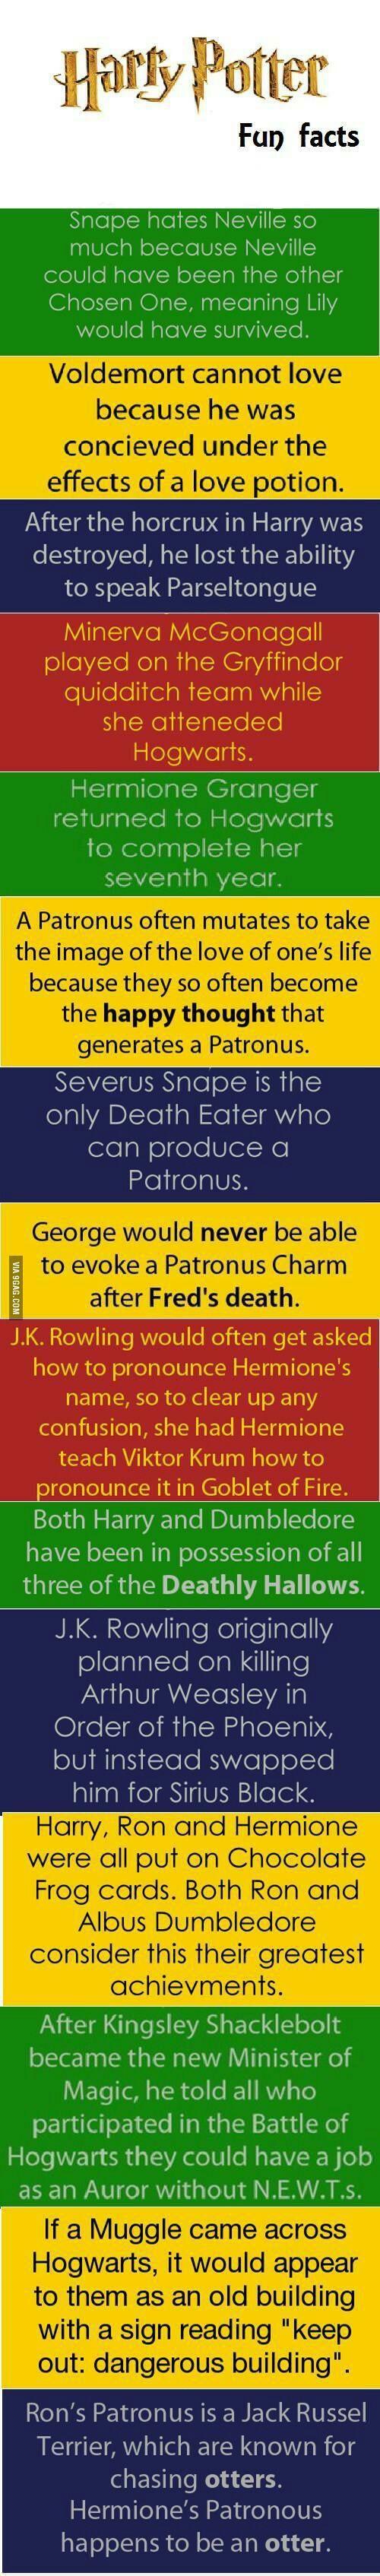 Harry Potter fun facts - www.viralpx.com